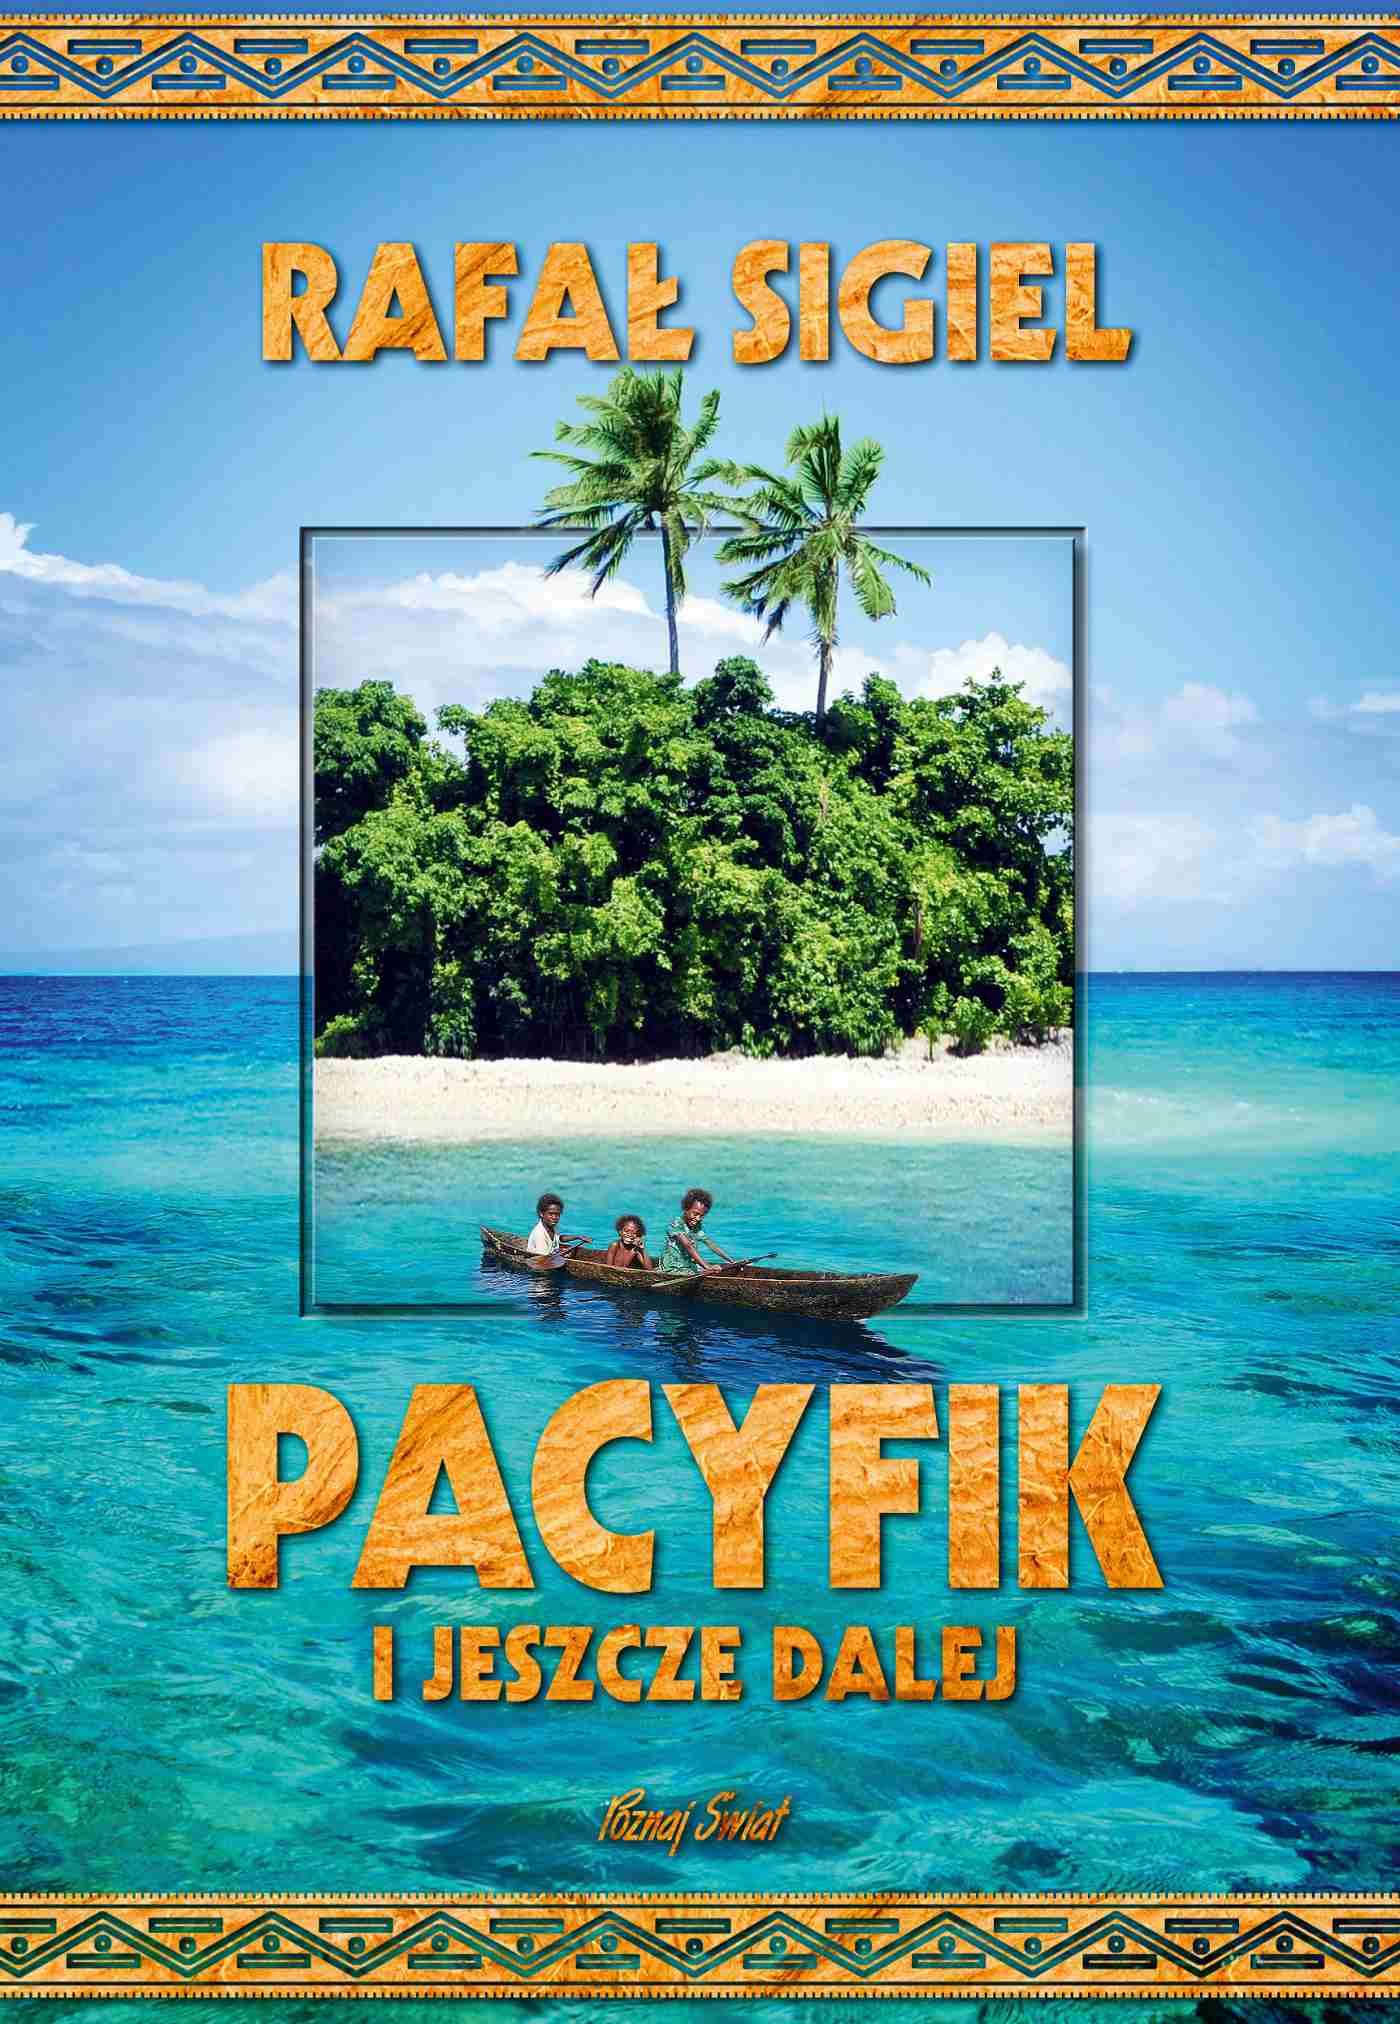 Pacyfik i jeszcze dalej - Ebook (Książka EPUB) do pobrania w formacie EPUB